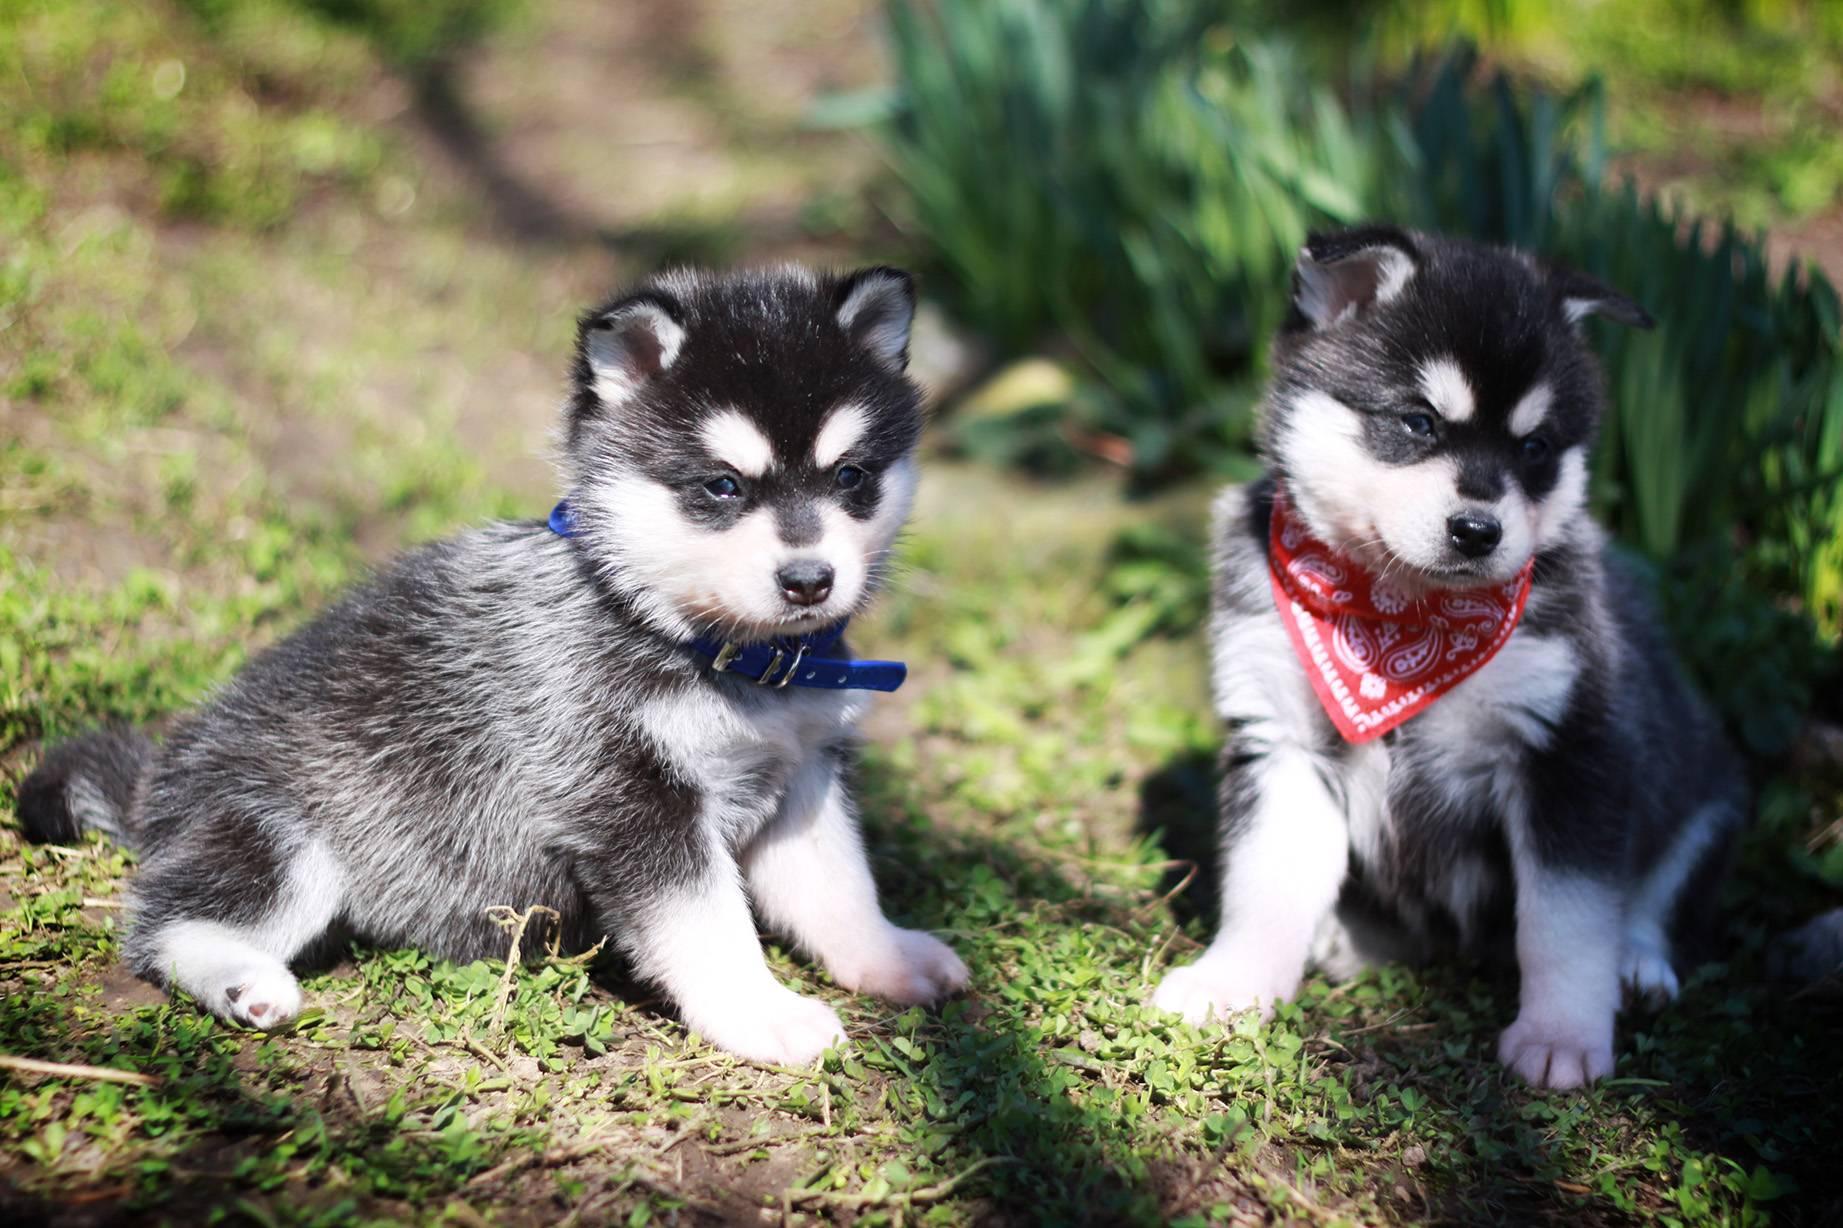 Особенности мини хаски (аляскинского кли-кая): фото собак, описание породы, правила ухода и отзывы владельцев